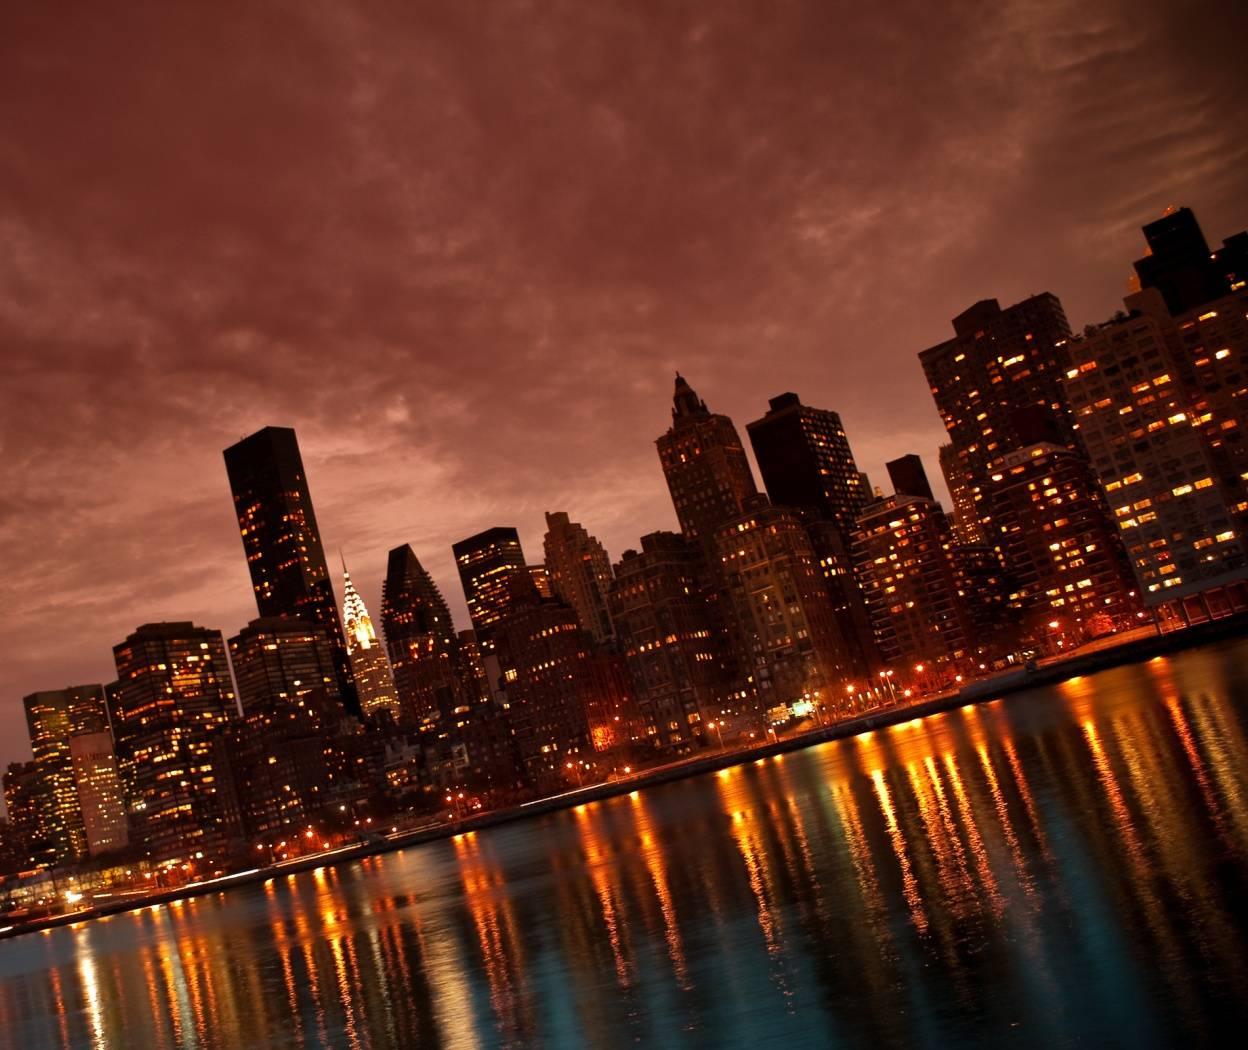 City At Night Hd